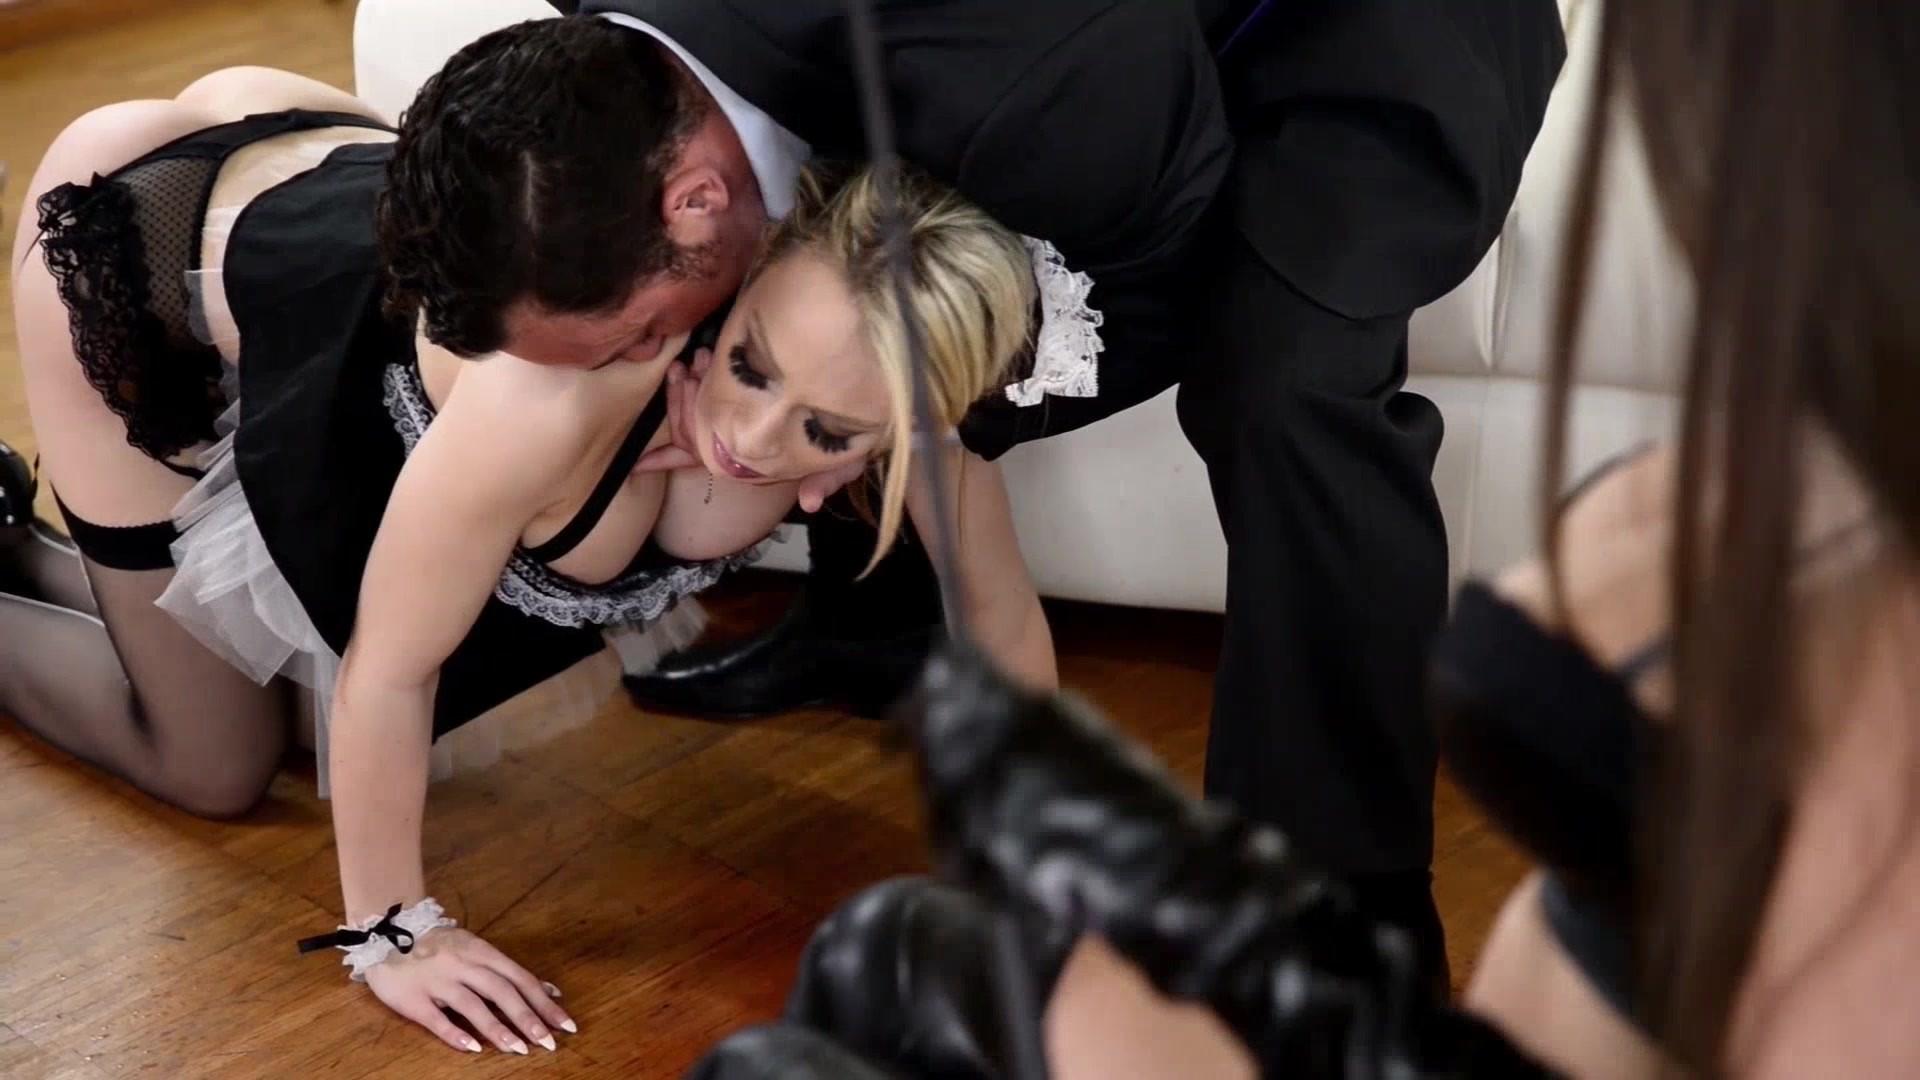 Служанка просит прощения порно